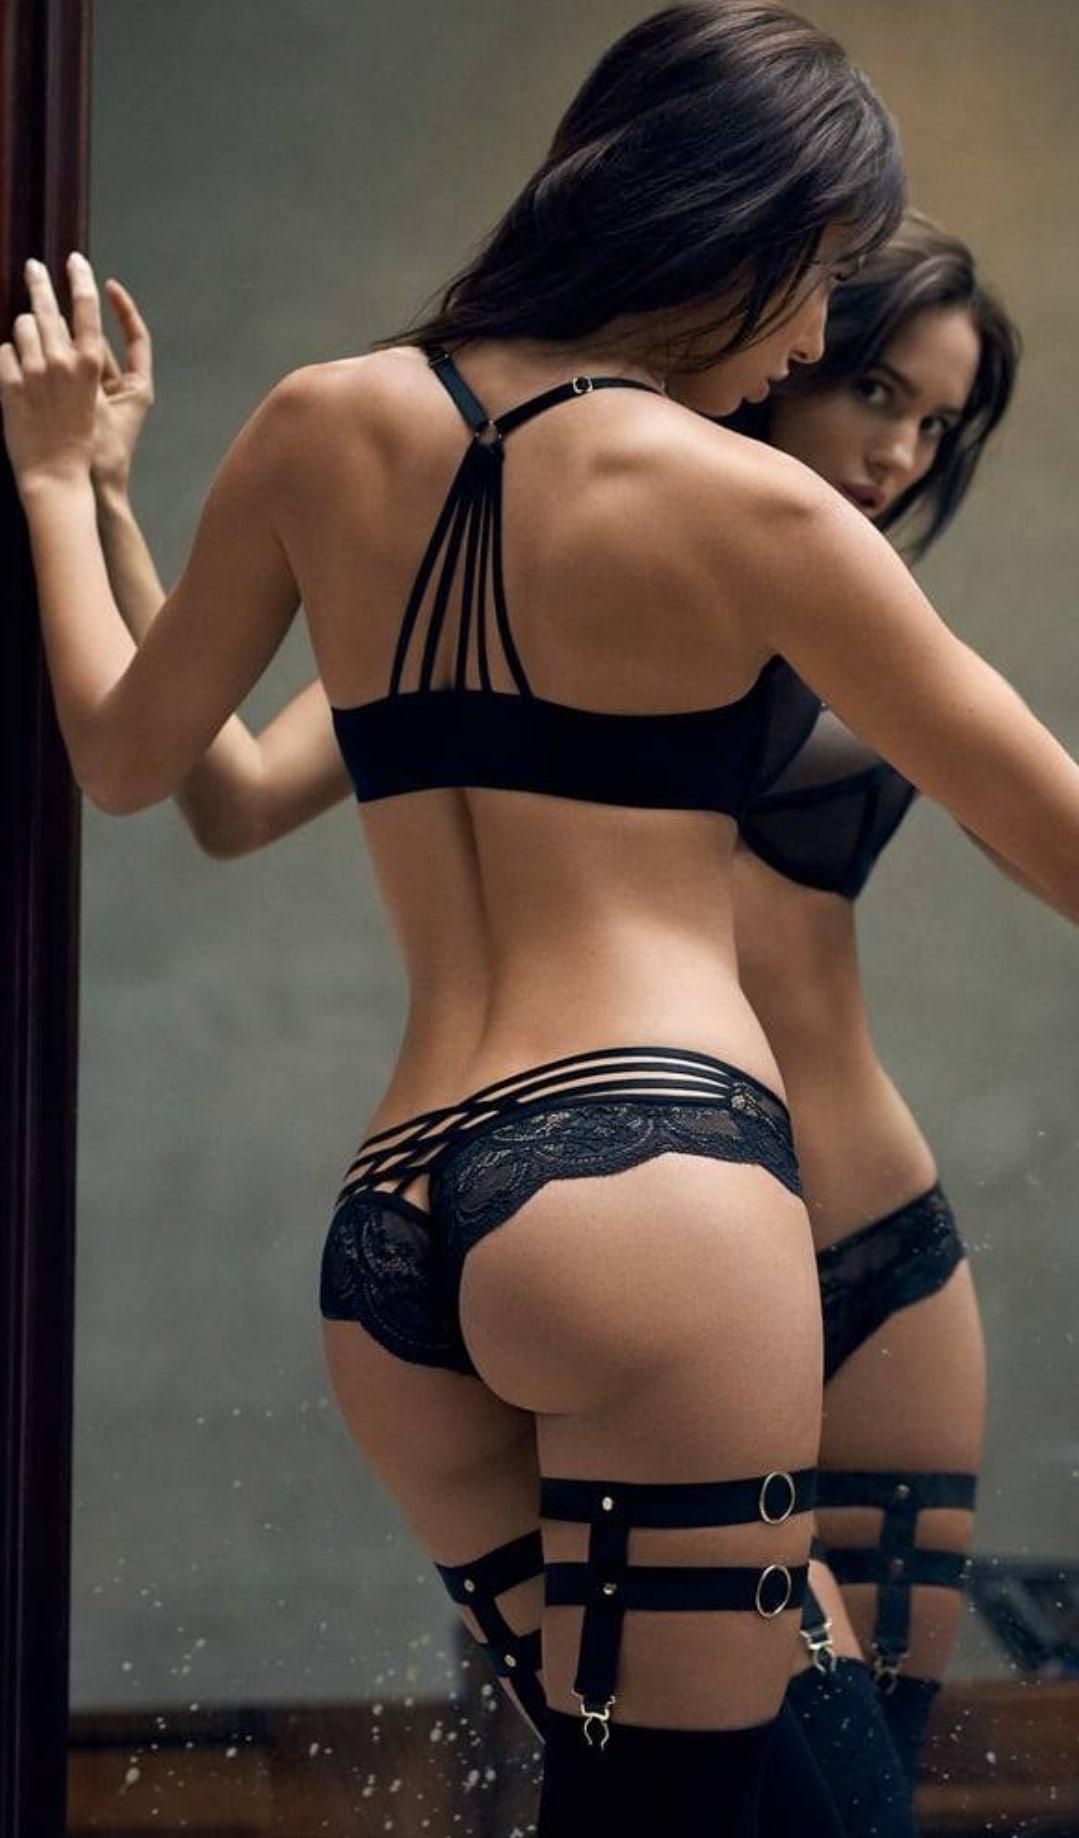 Эффектная брюнетка в соблазнительном нижнем белье